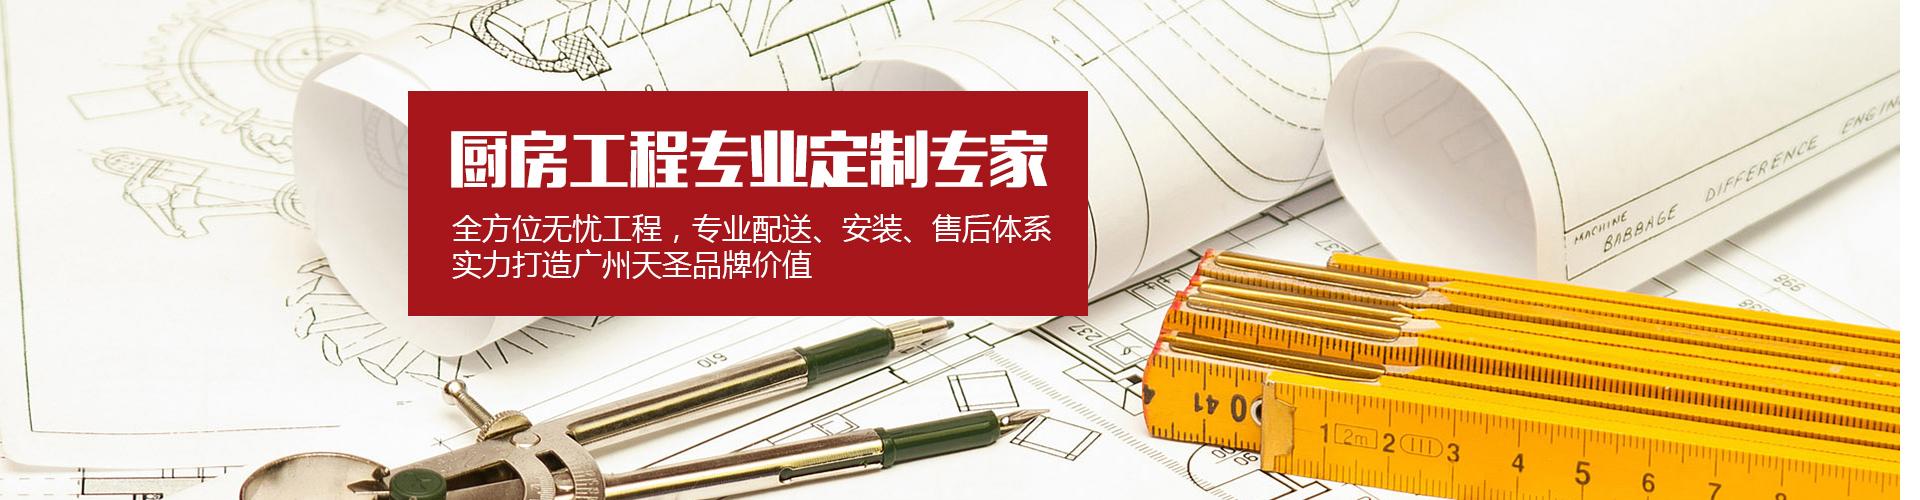 vwin德赢娱乐网|下载入口工程专业定制专家